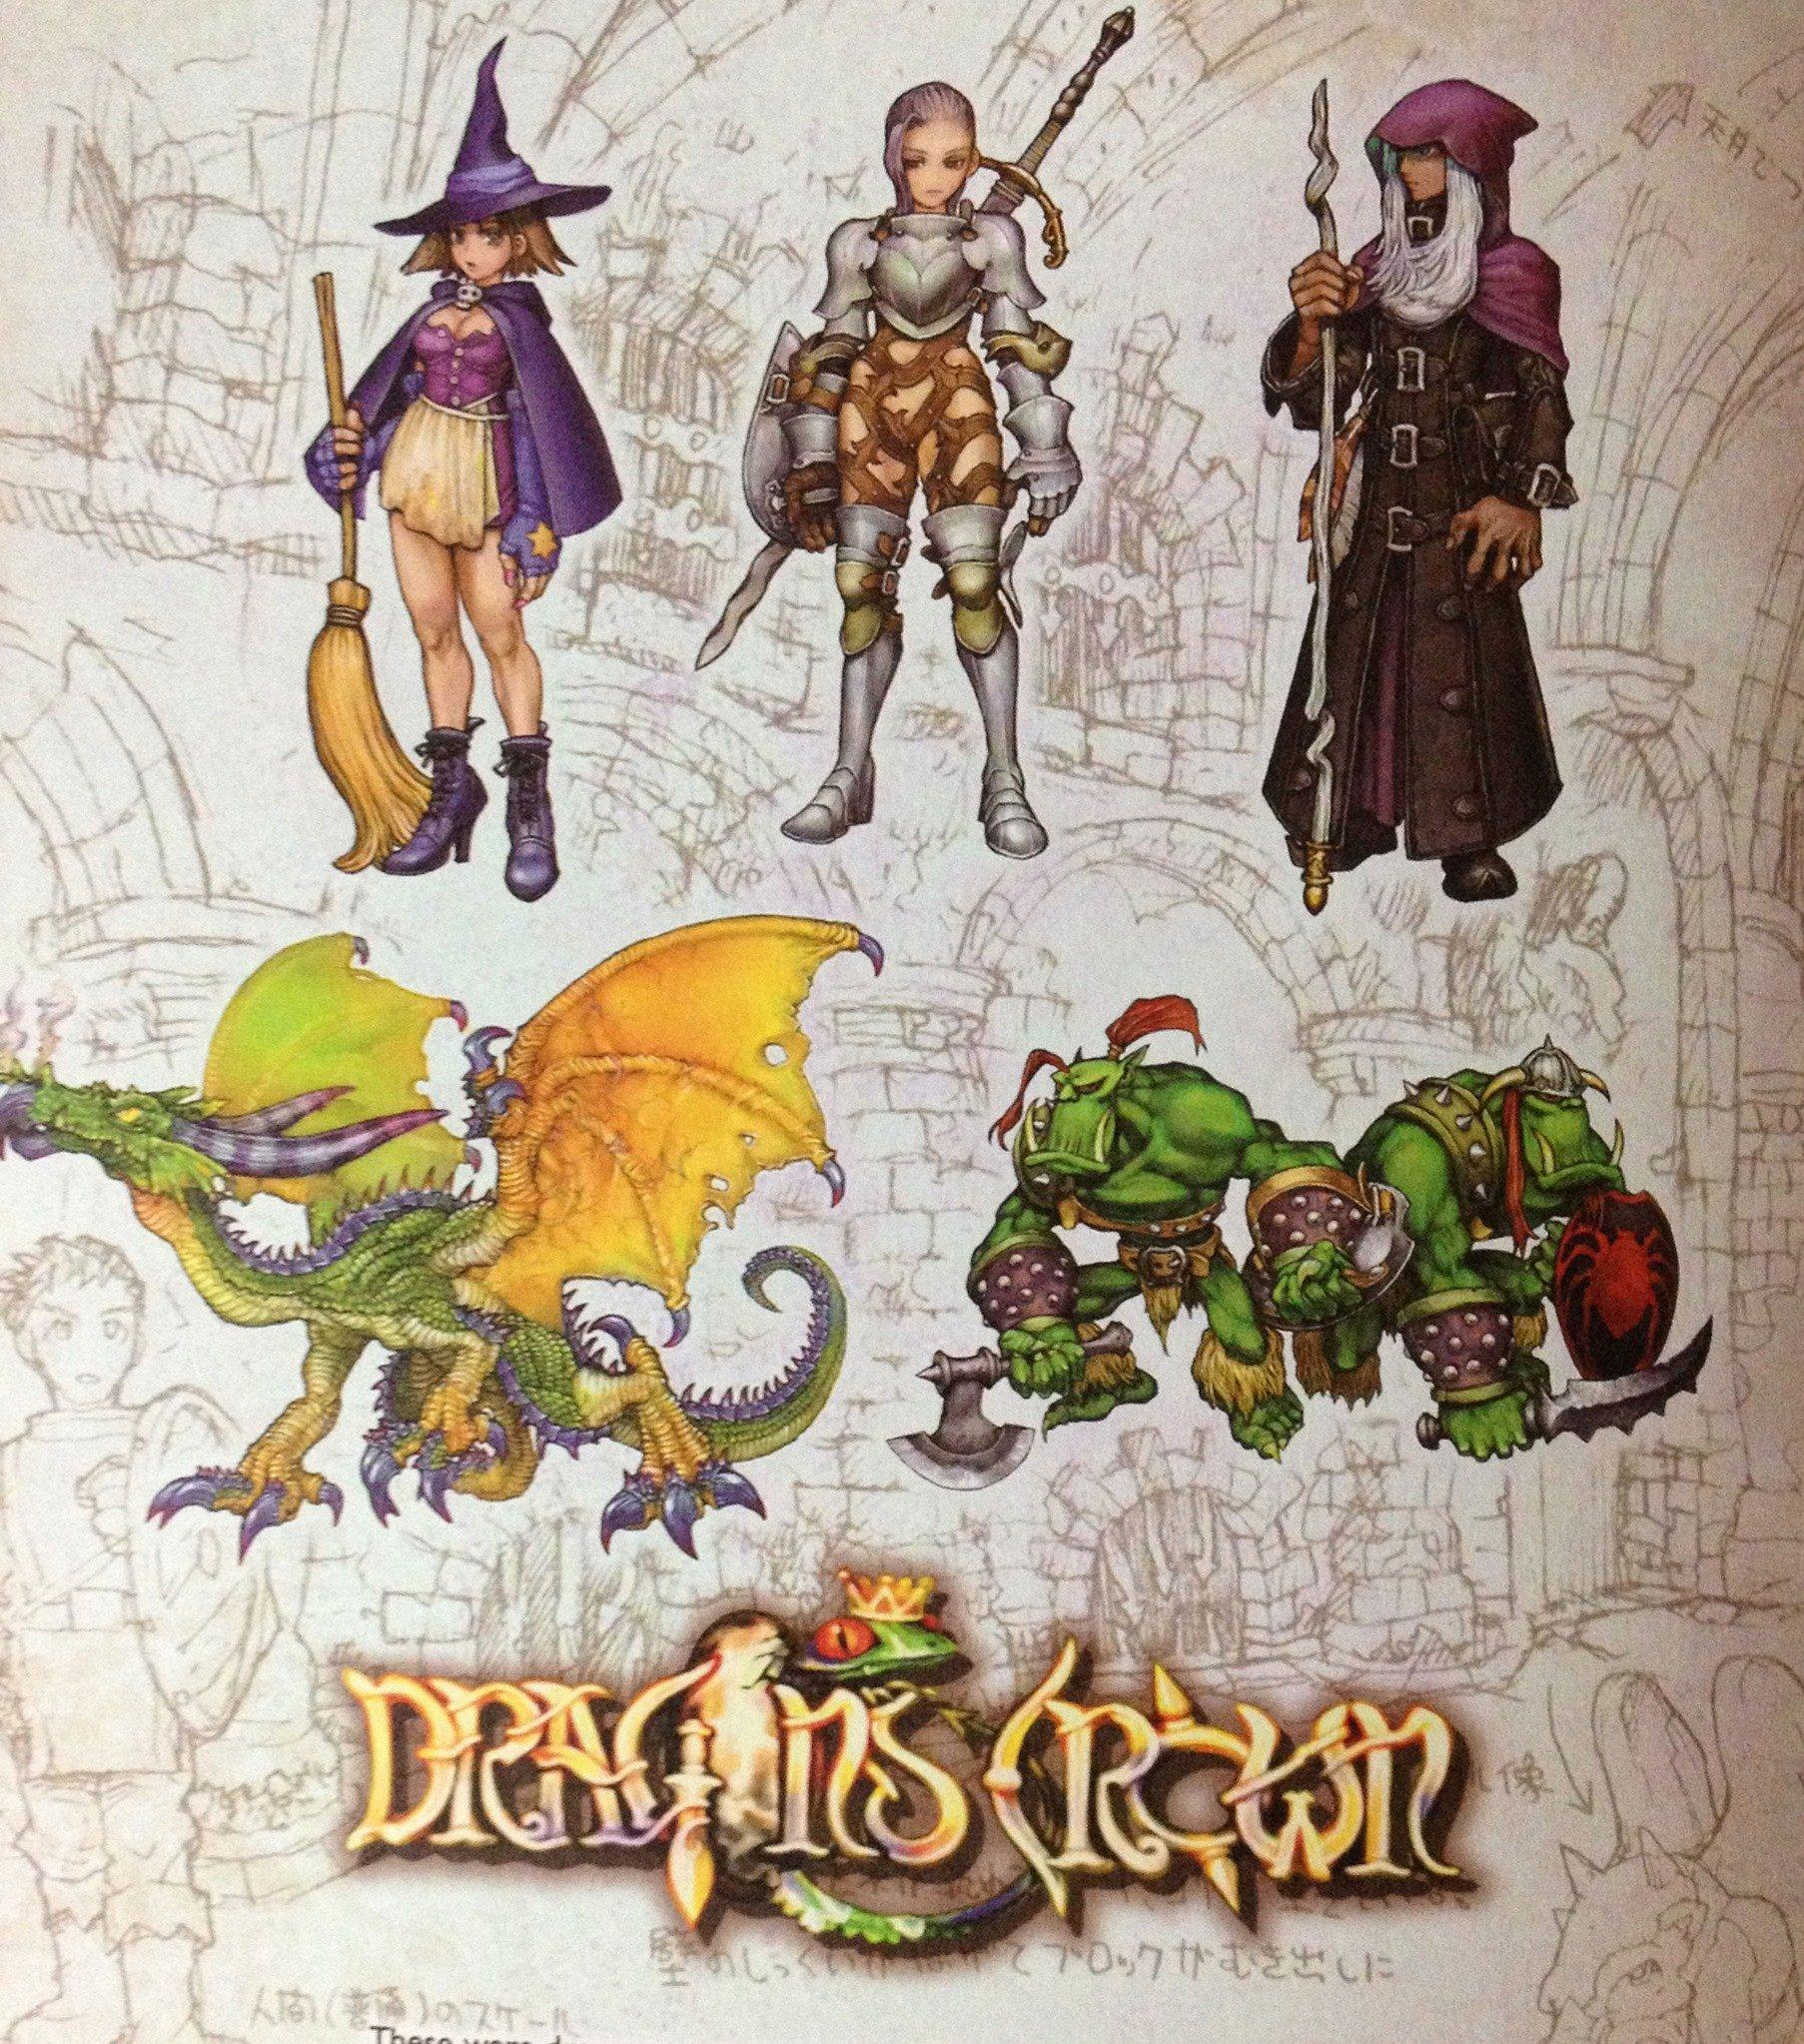 Дизайн персонажей Dragon's Crown  1998ого года, разрабатывающийся под Dreamcas.. - Изображение 1